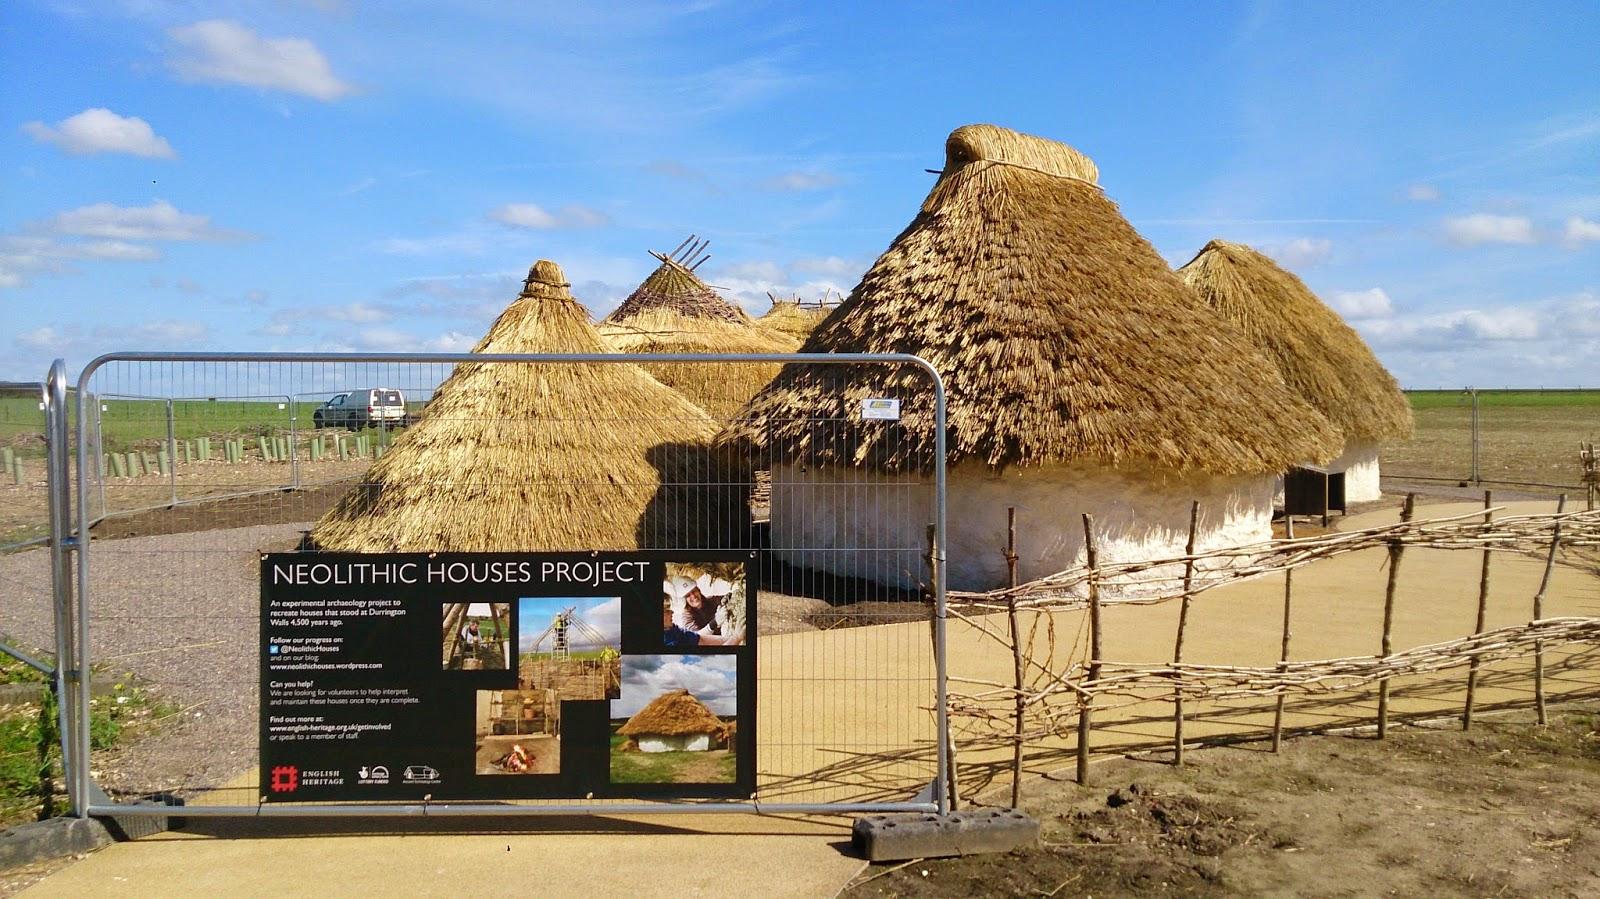 英國 單車 足球 聚舊之旅 遊客中心 原住民村落